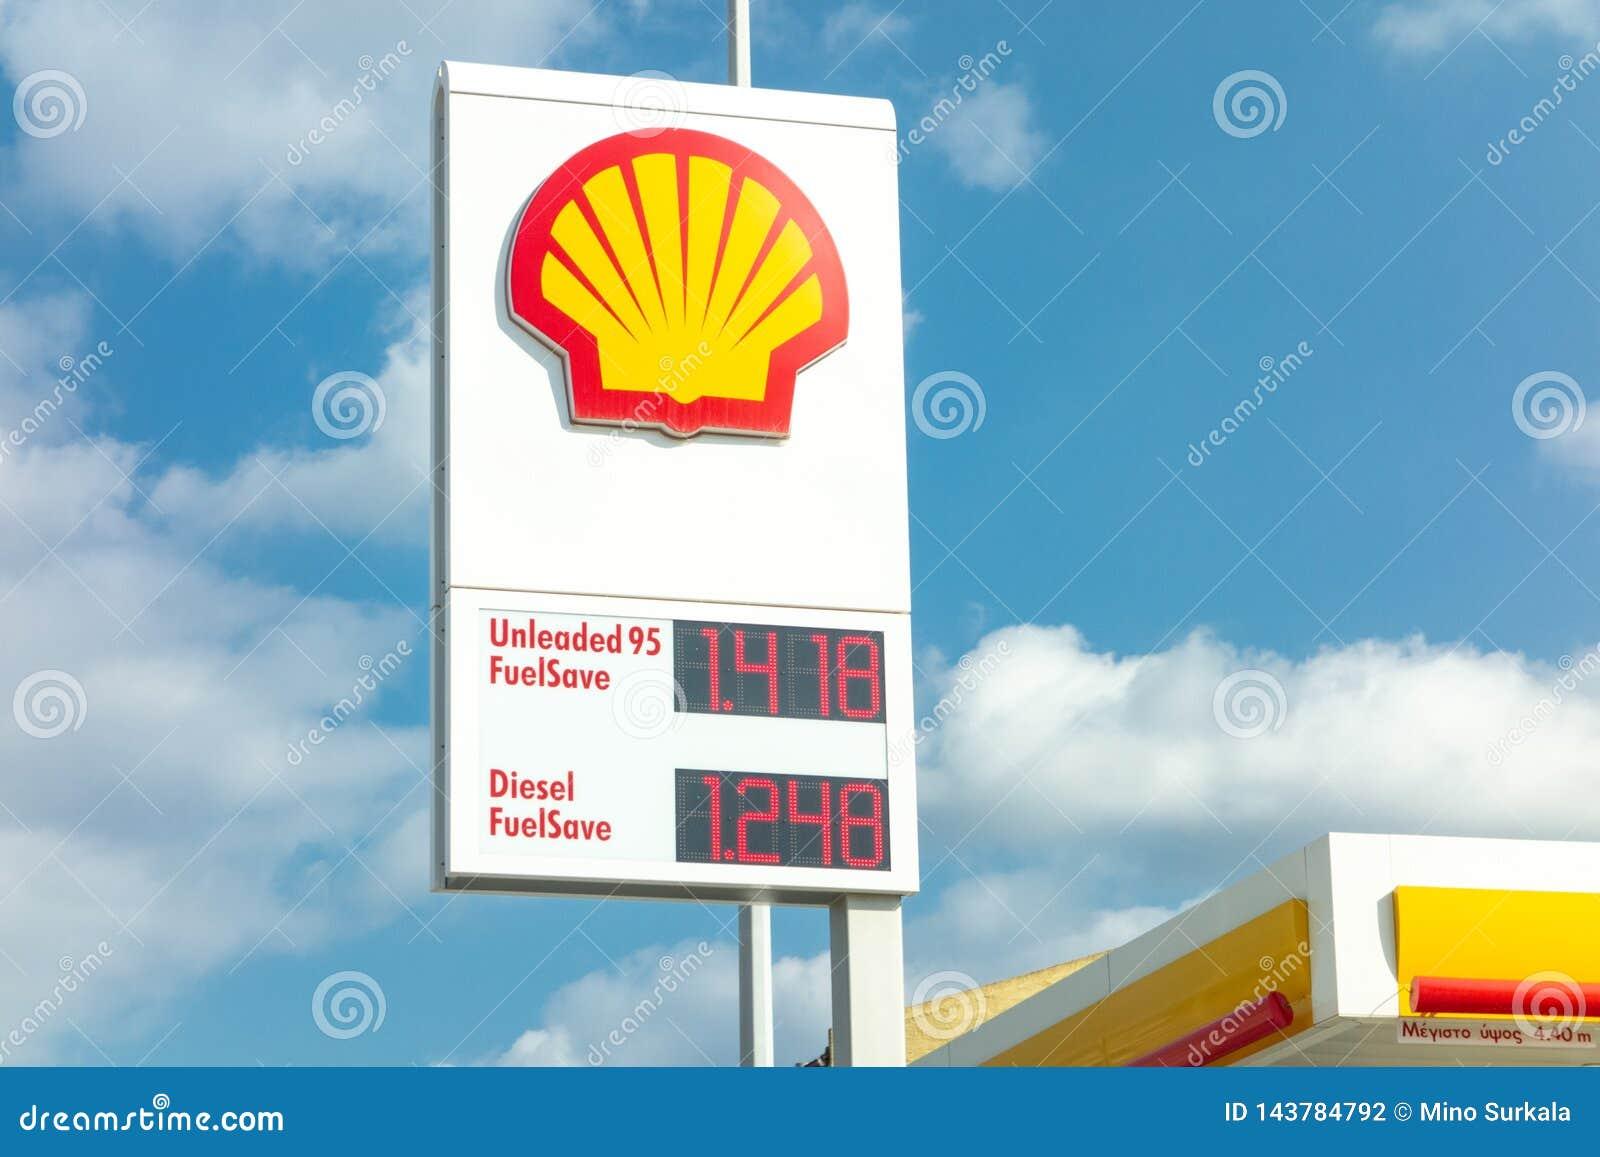 Shell-Tankstellefahne mit ein Firmenlogo andfuels versehen mit ihren Preisen